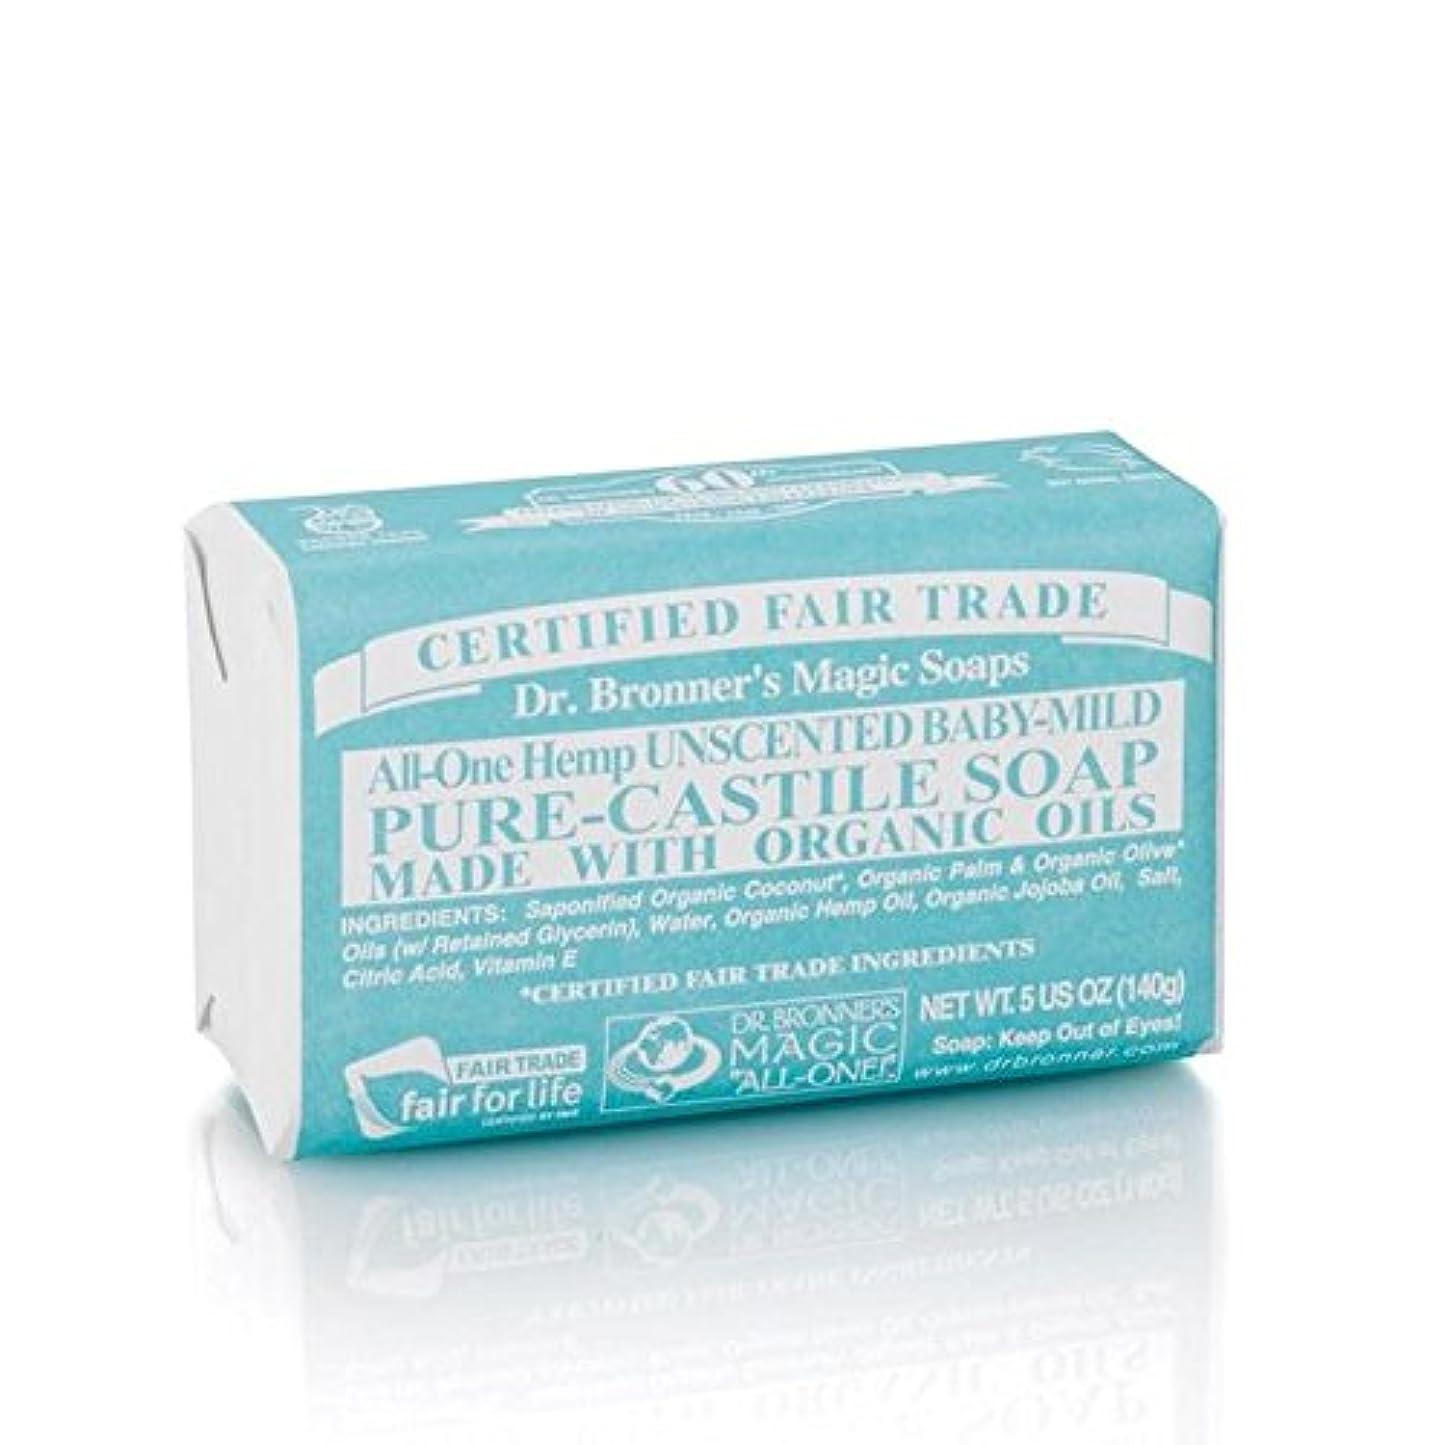 ぶら下がるクルーズ飲み込むのブロナーオーガニックベビーマイルドソープバー140グラム x2 - Dr Bronner Organic Baby Mild Soap Bar 140g (Pack of 2) [並行輸入品]